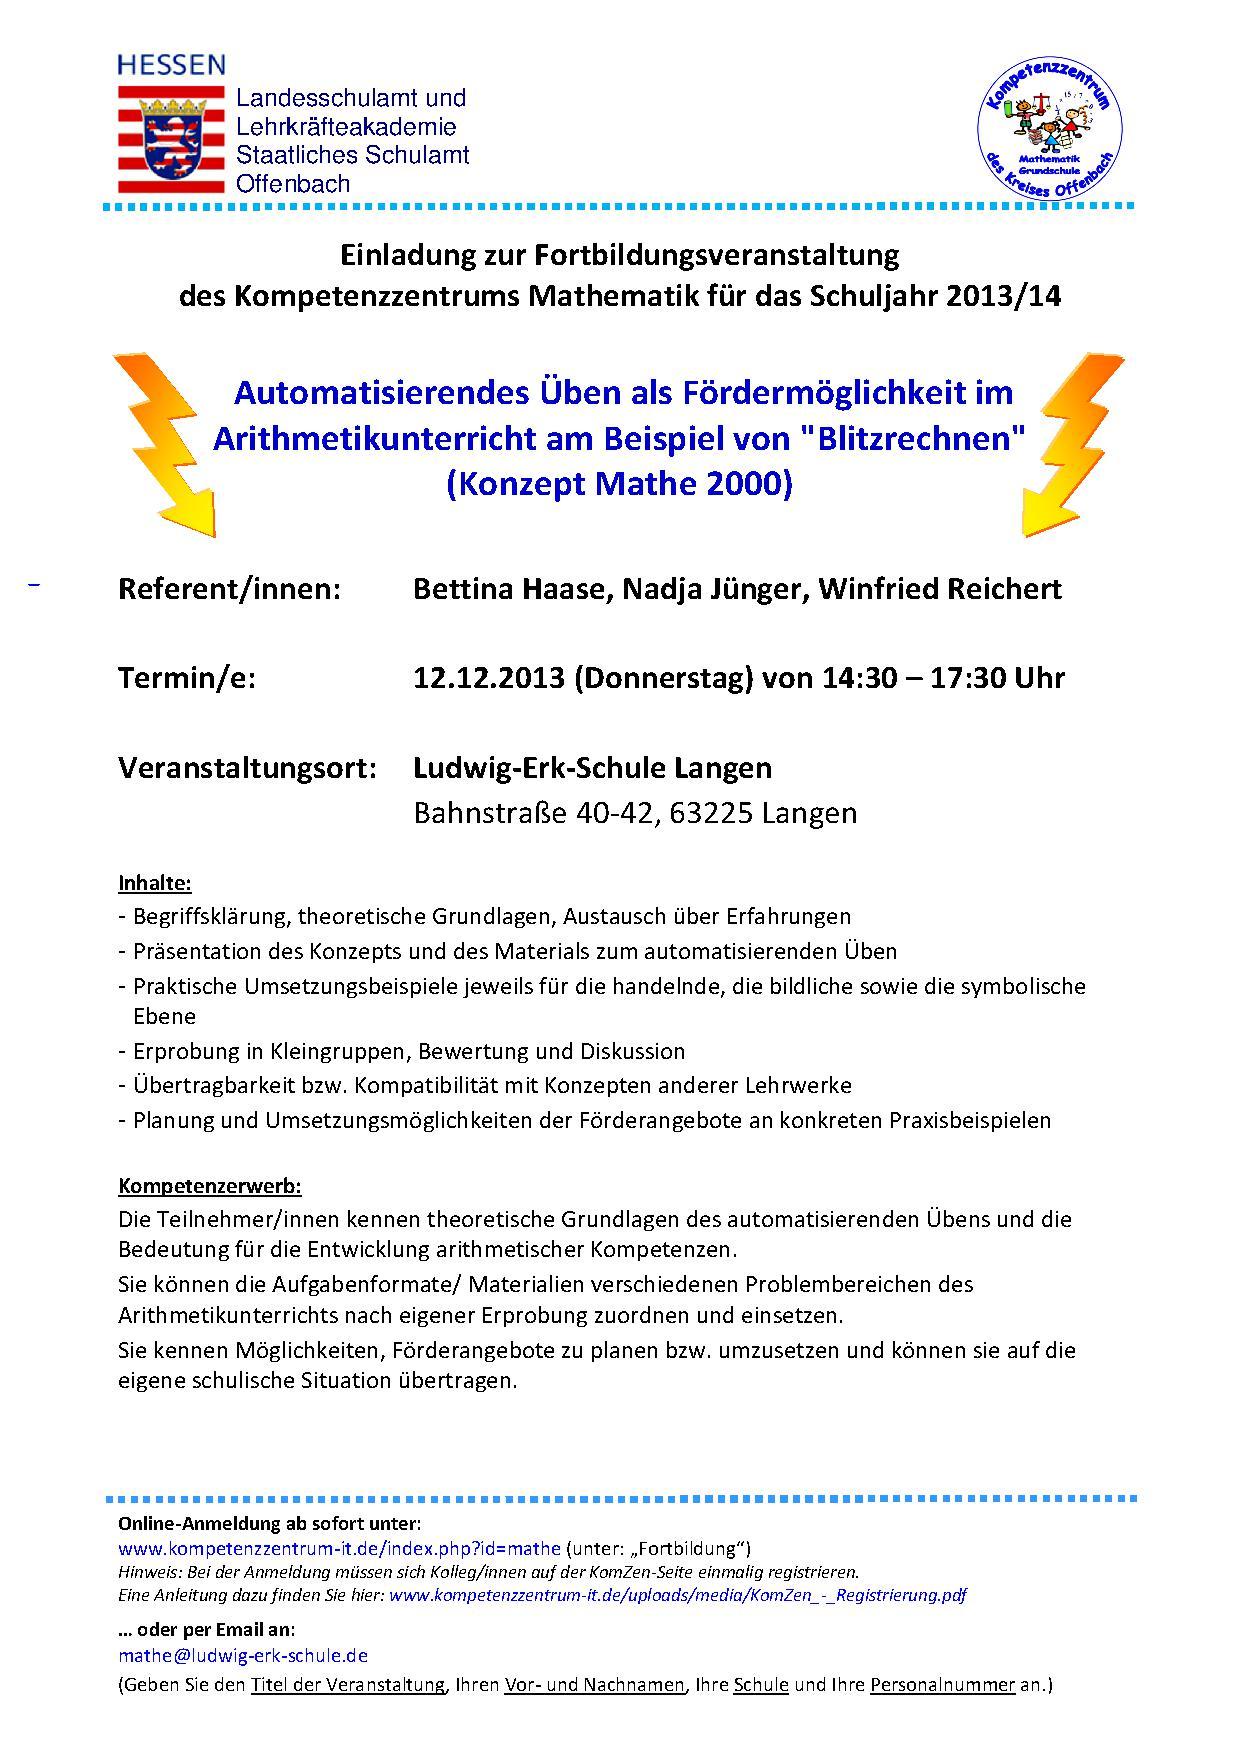 2013-14_automatUe_KomZenMa_Einzelausschreibung.jpg